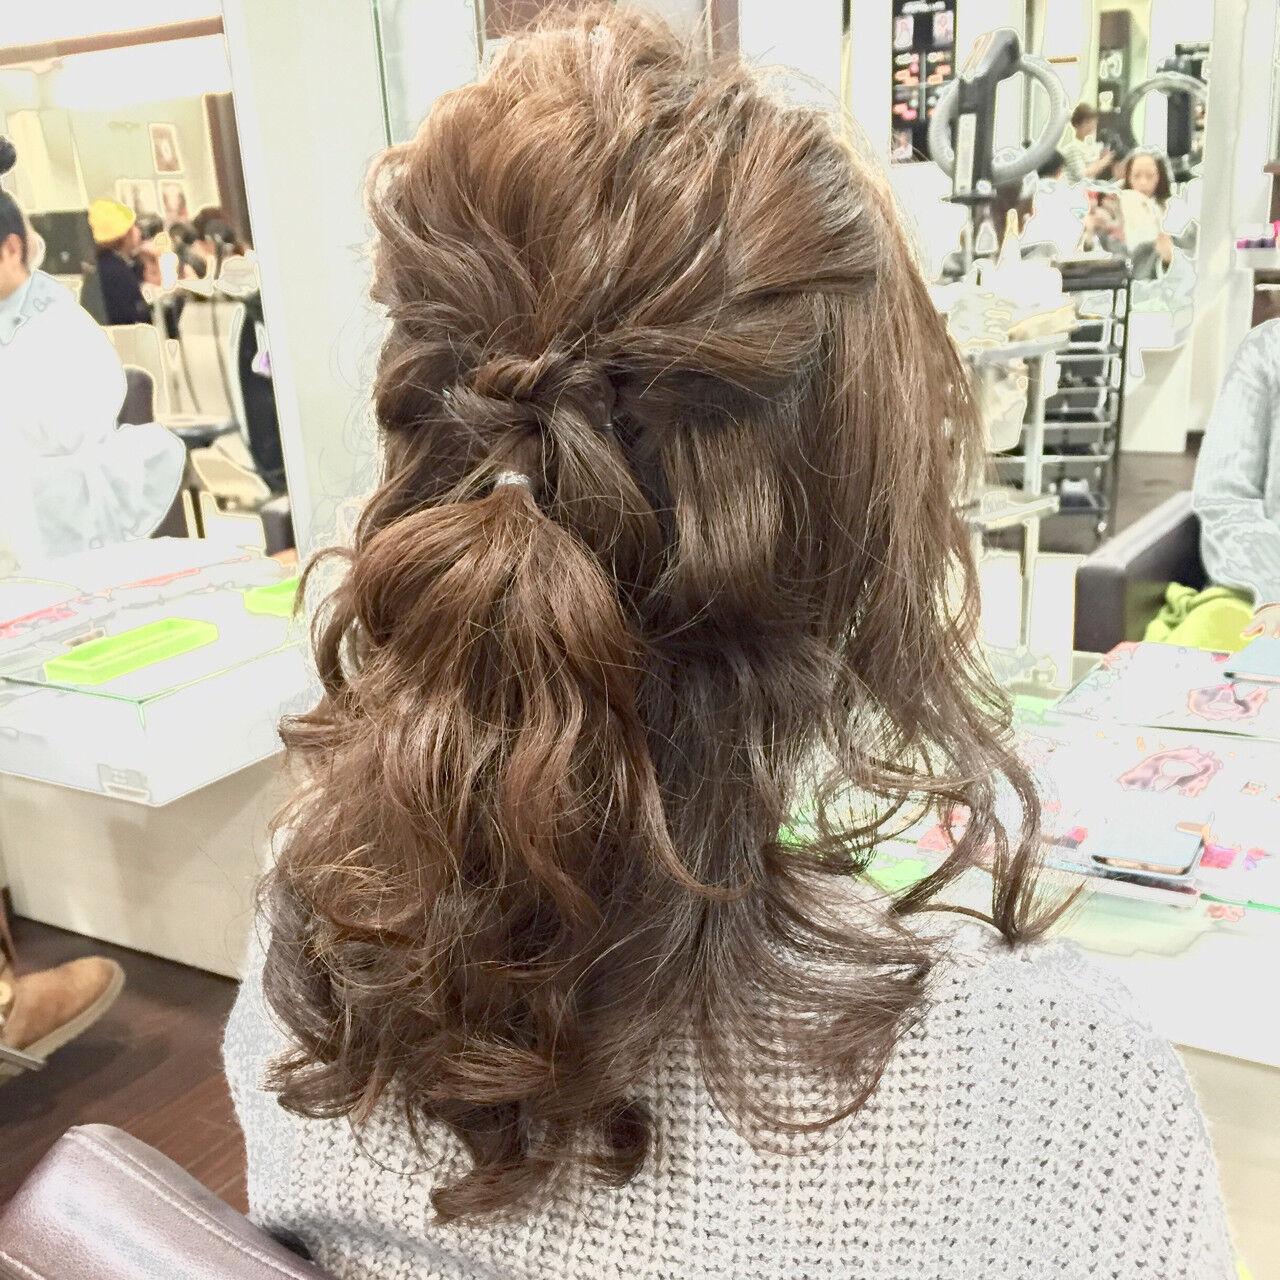 結婚式 二次会 ハーフアップ ヘアアレンジヘアスタイルや髪型の写真・画像